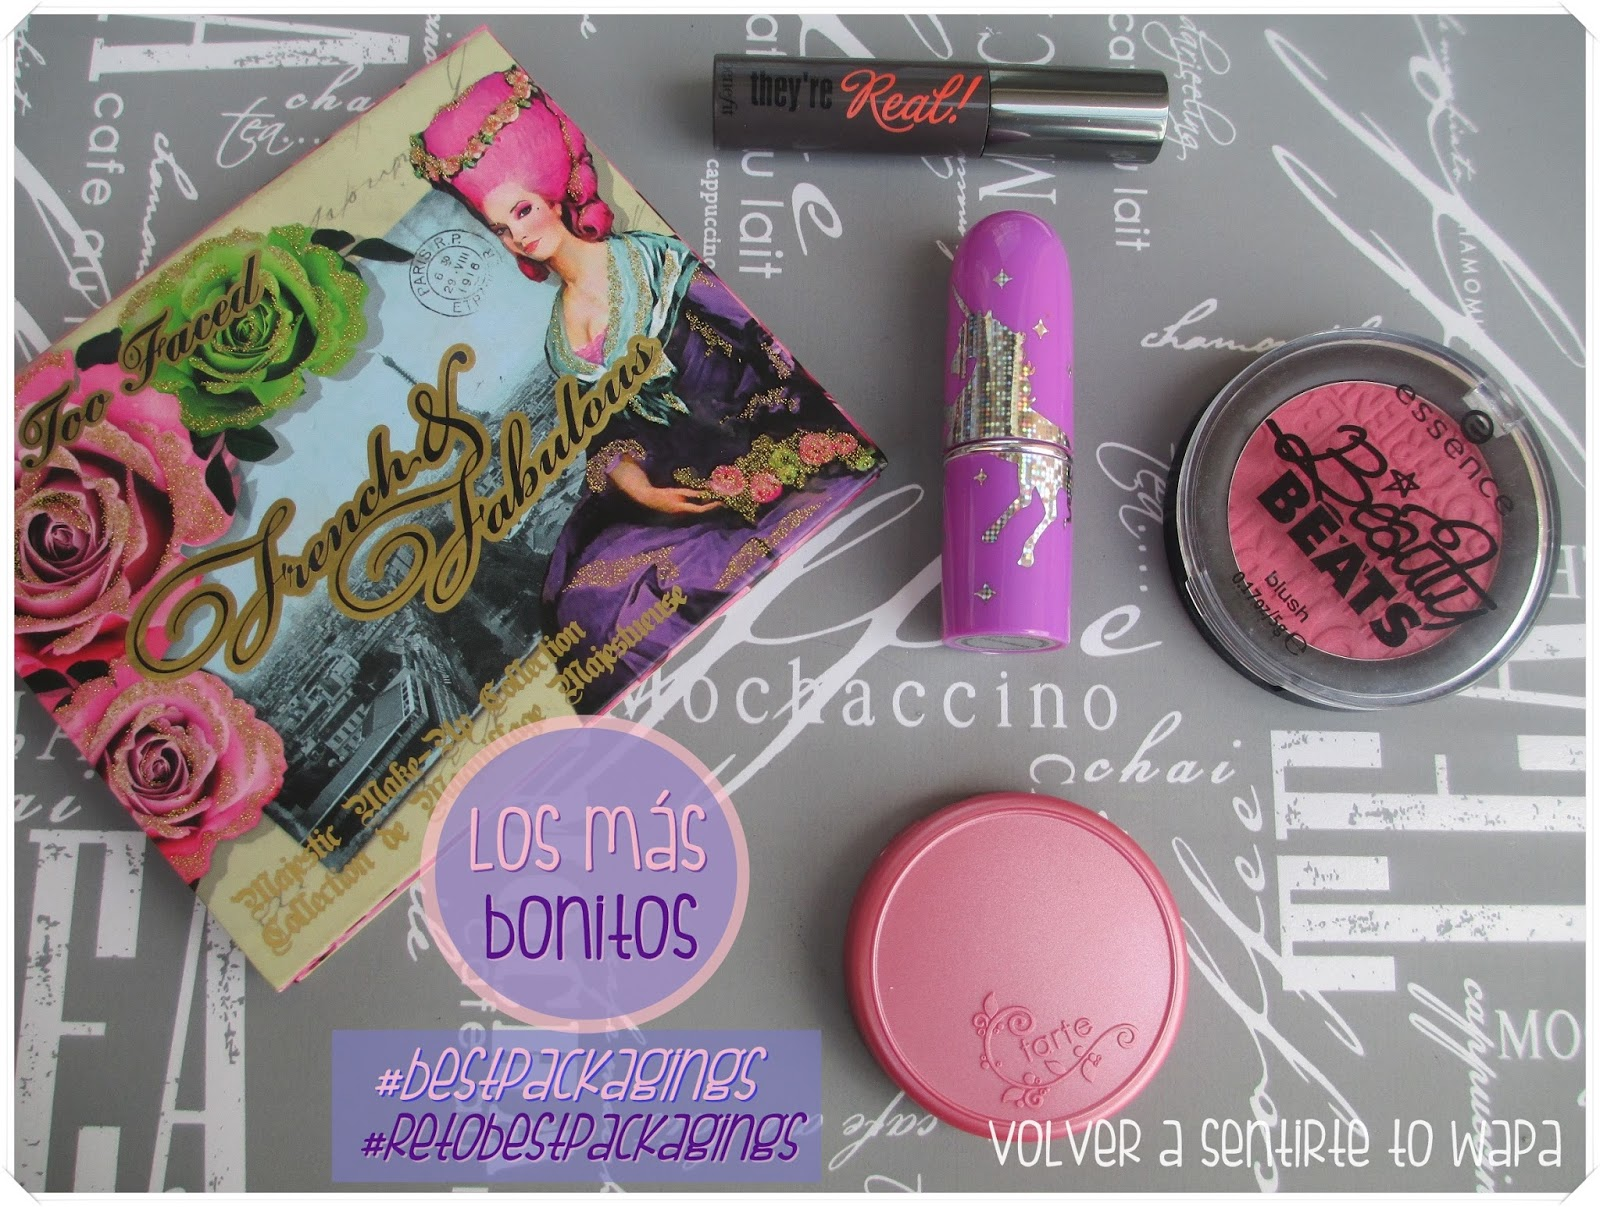 #retobestpackagins - los productos más bonitos